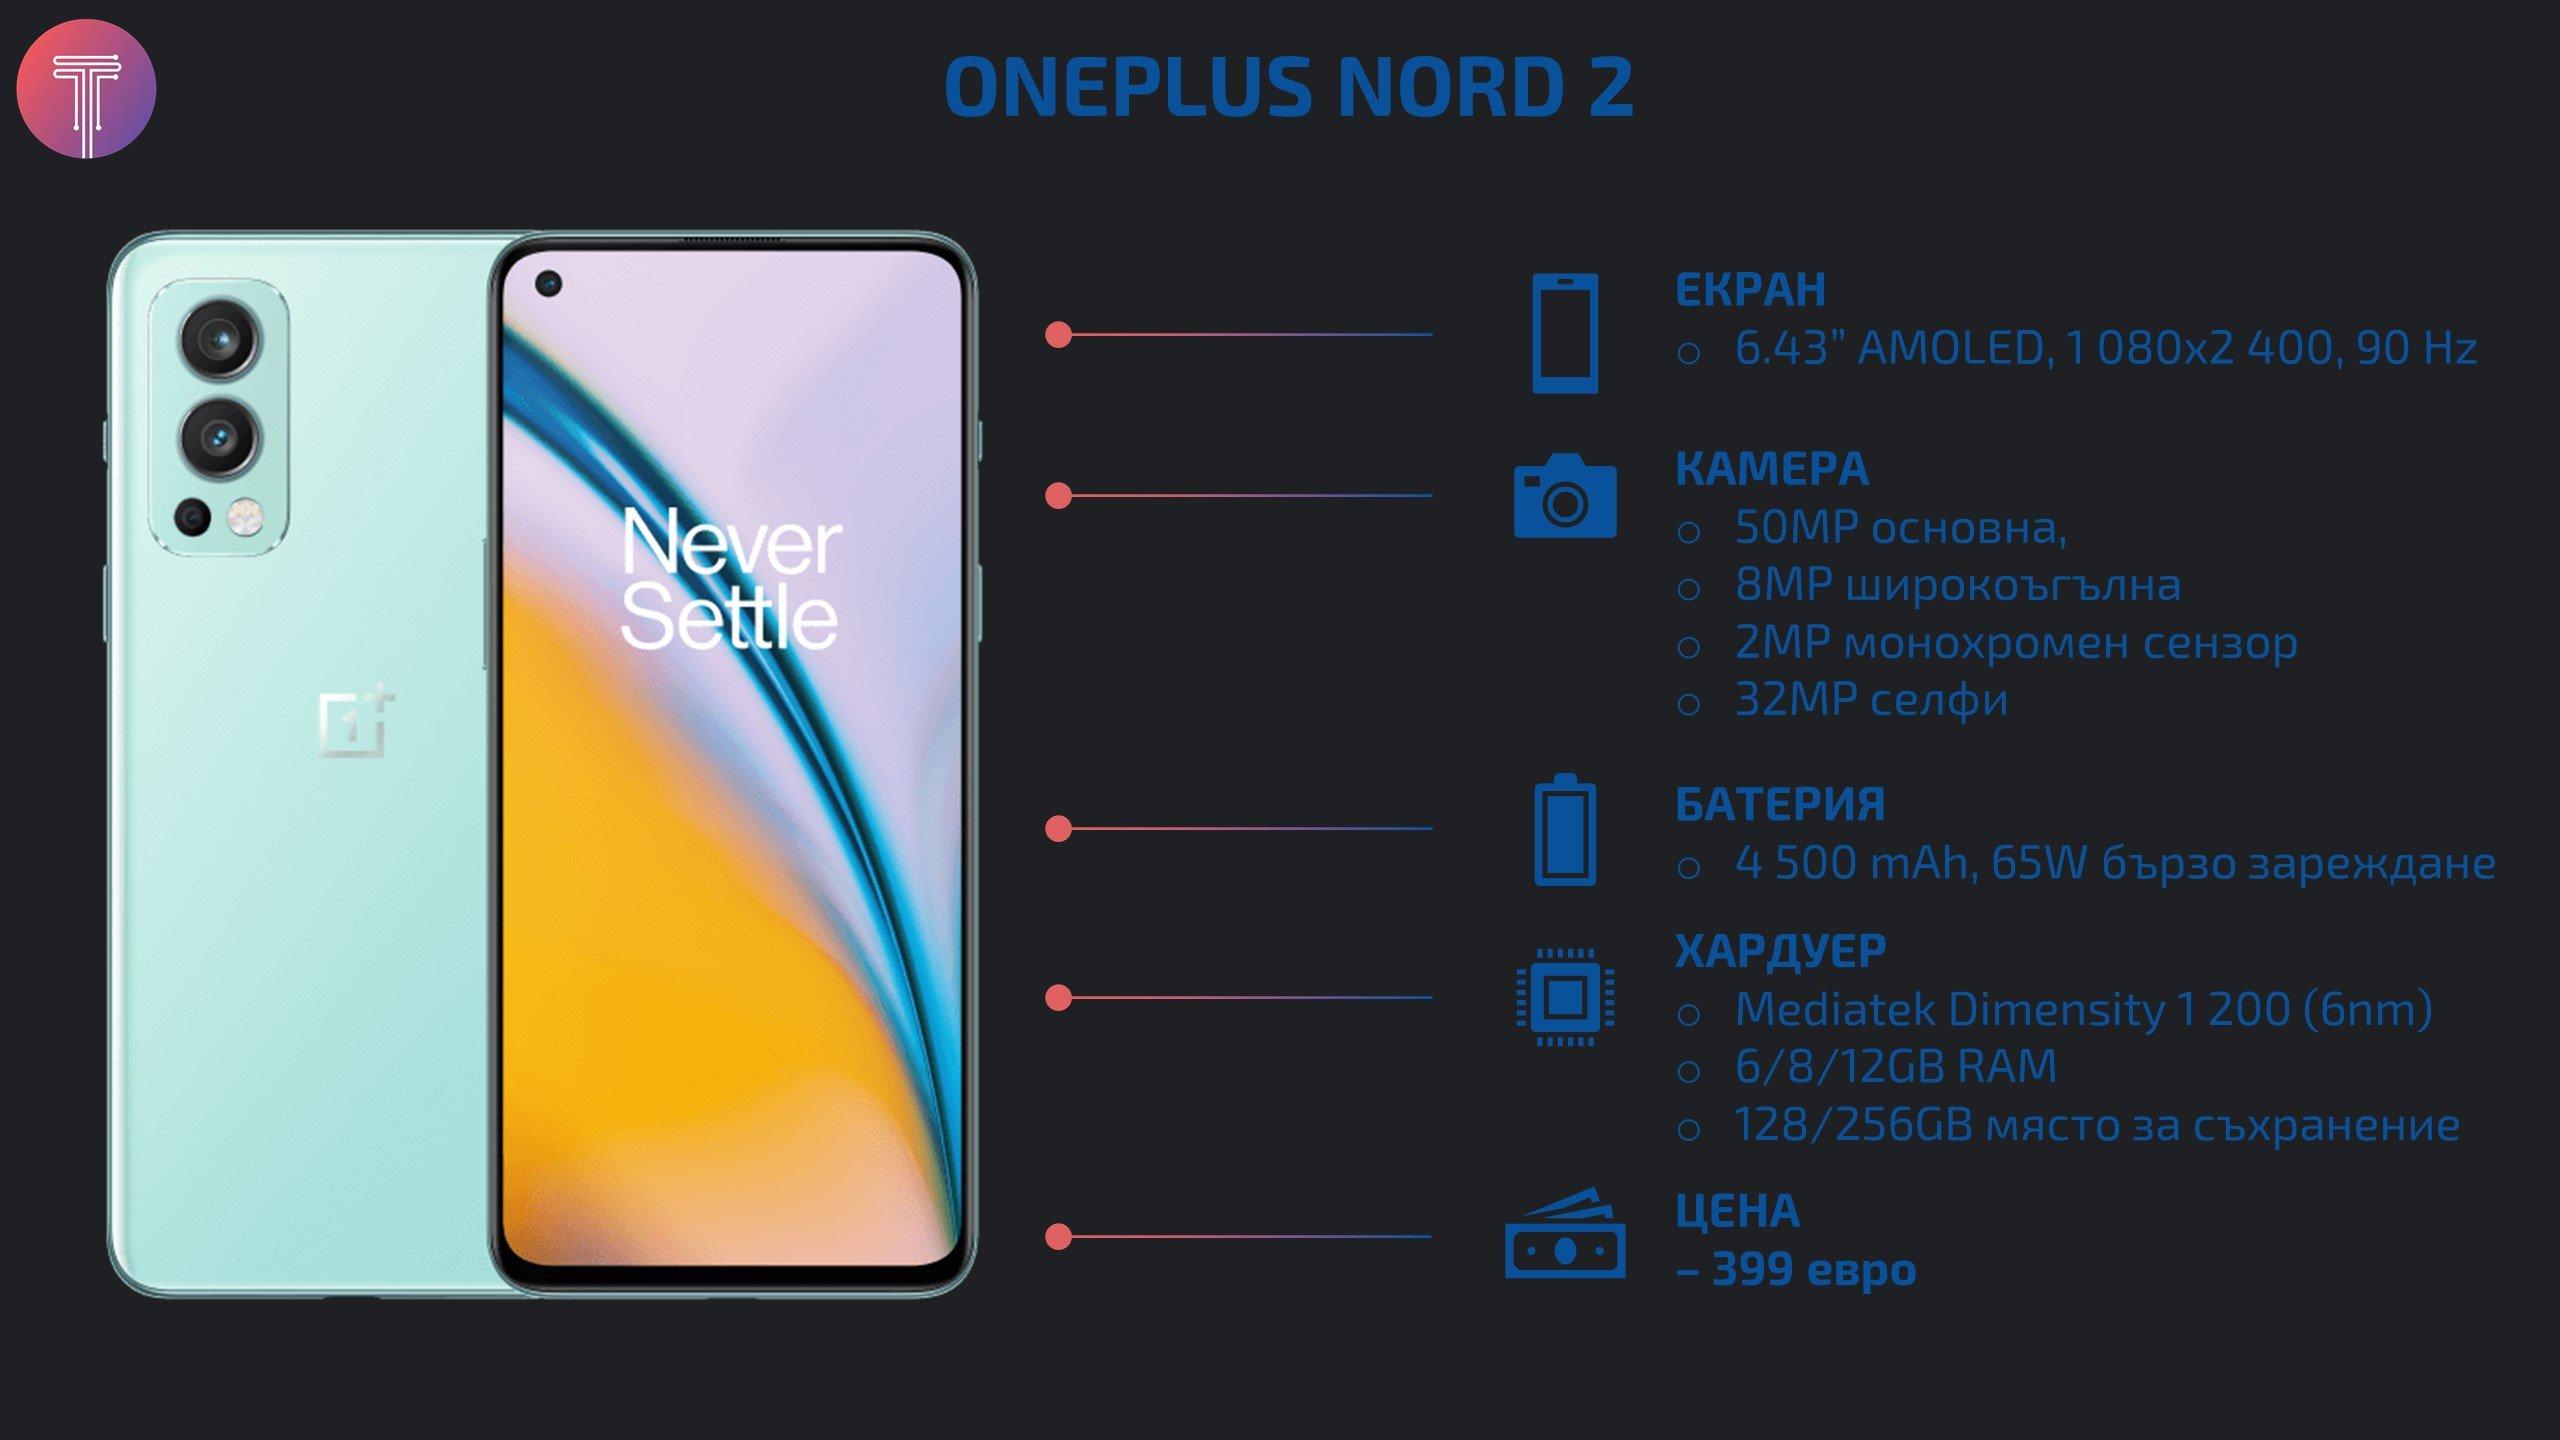 OnePlus Nord 2 Specs